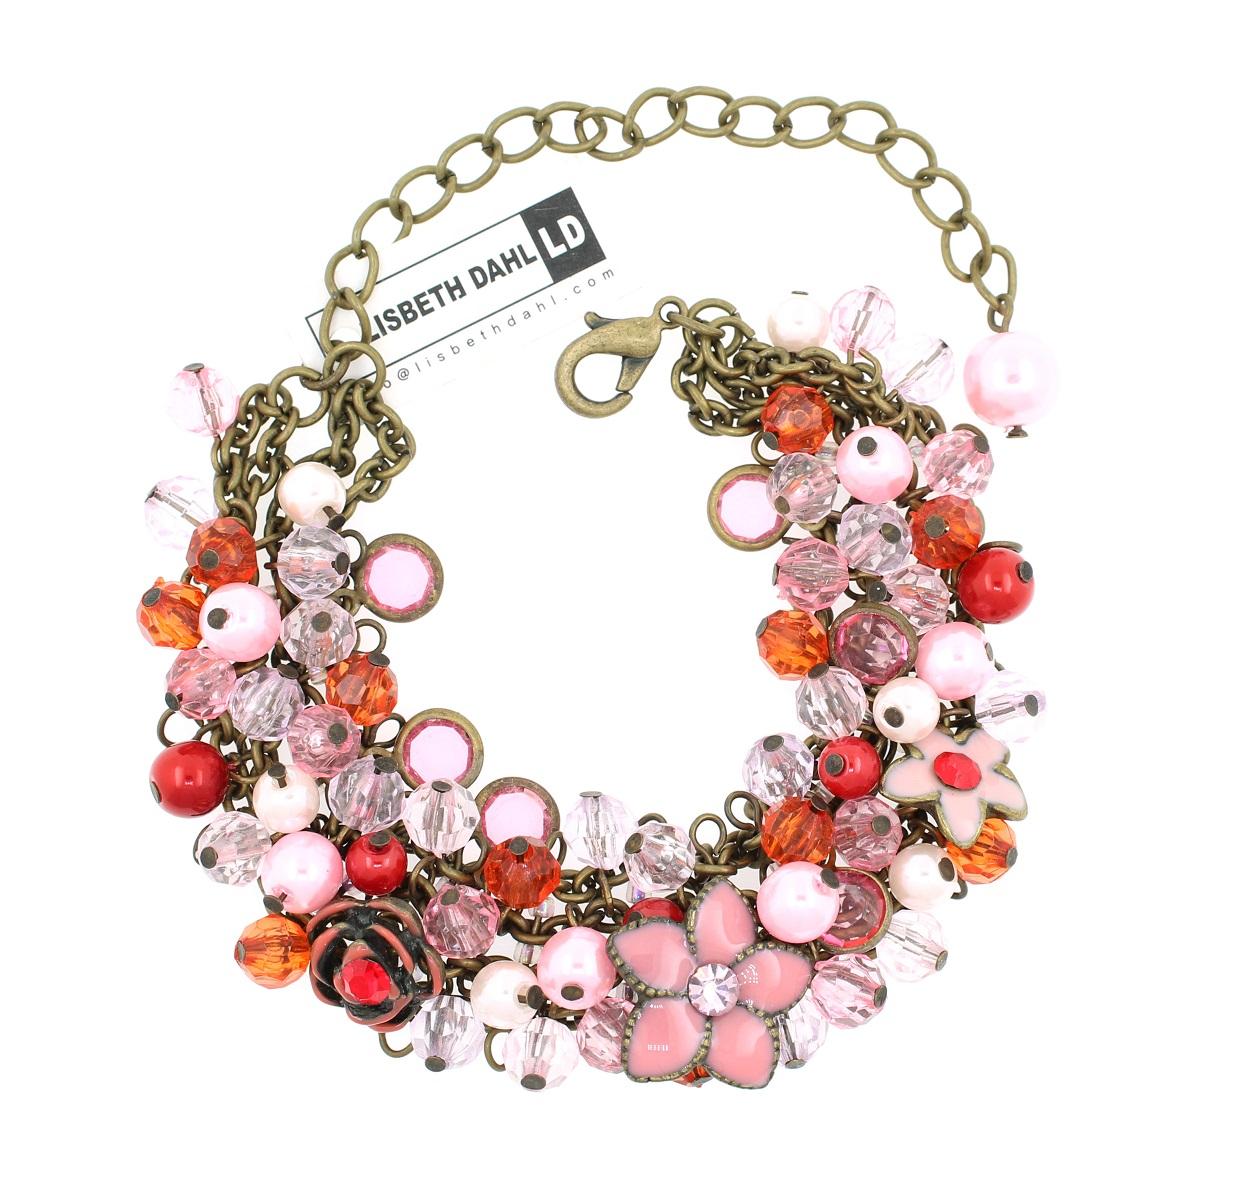 Lisbeth Dahl Flower Charms & Pearl Bracelet - Vintage Gold/Pinks/Reds